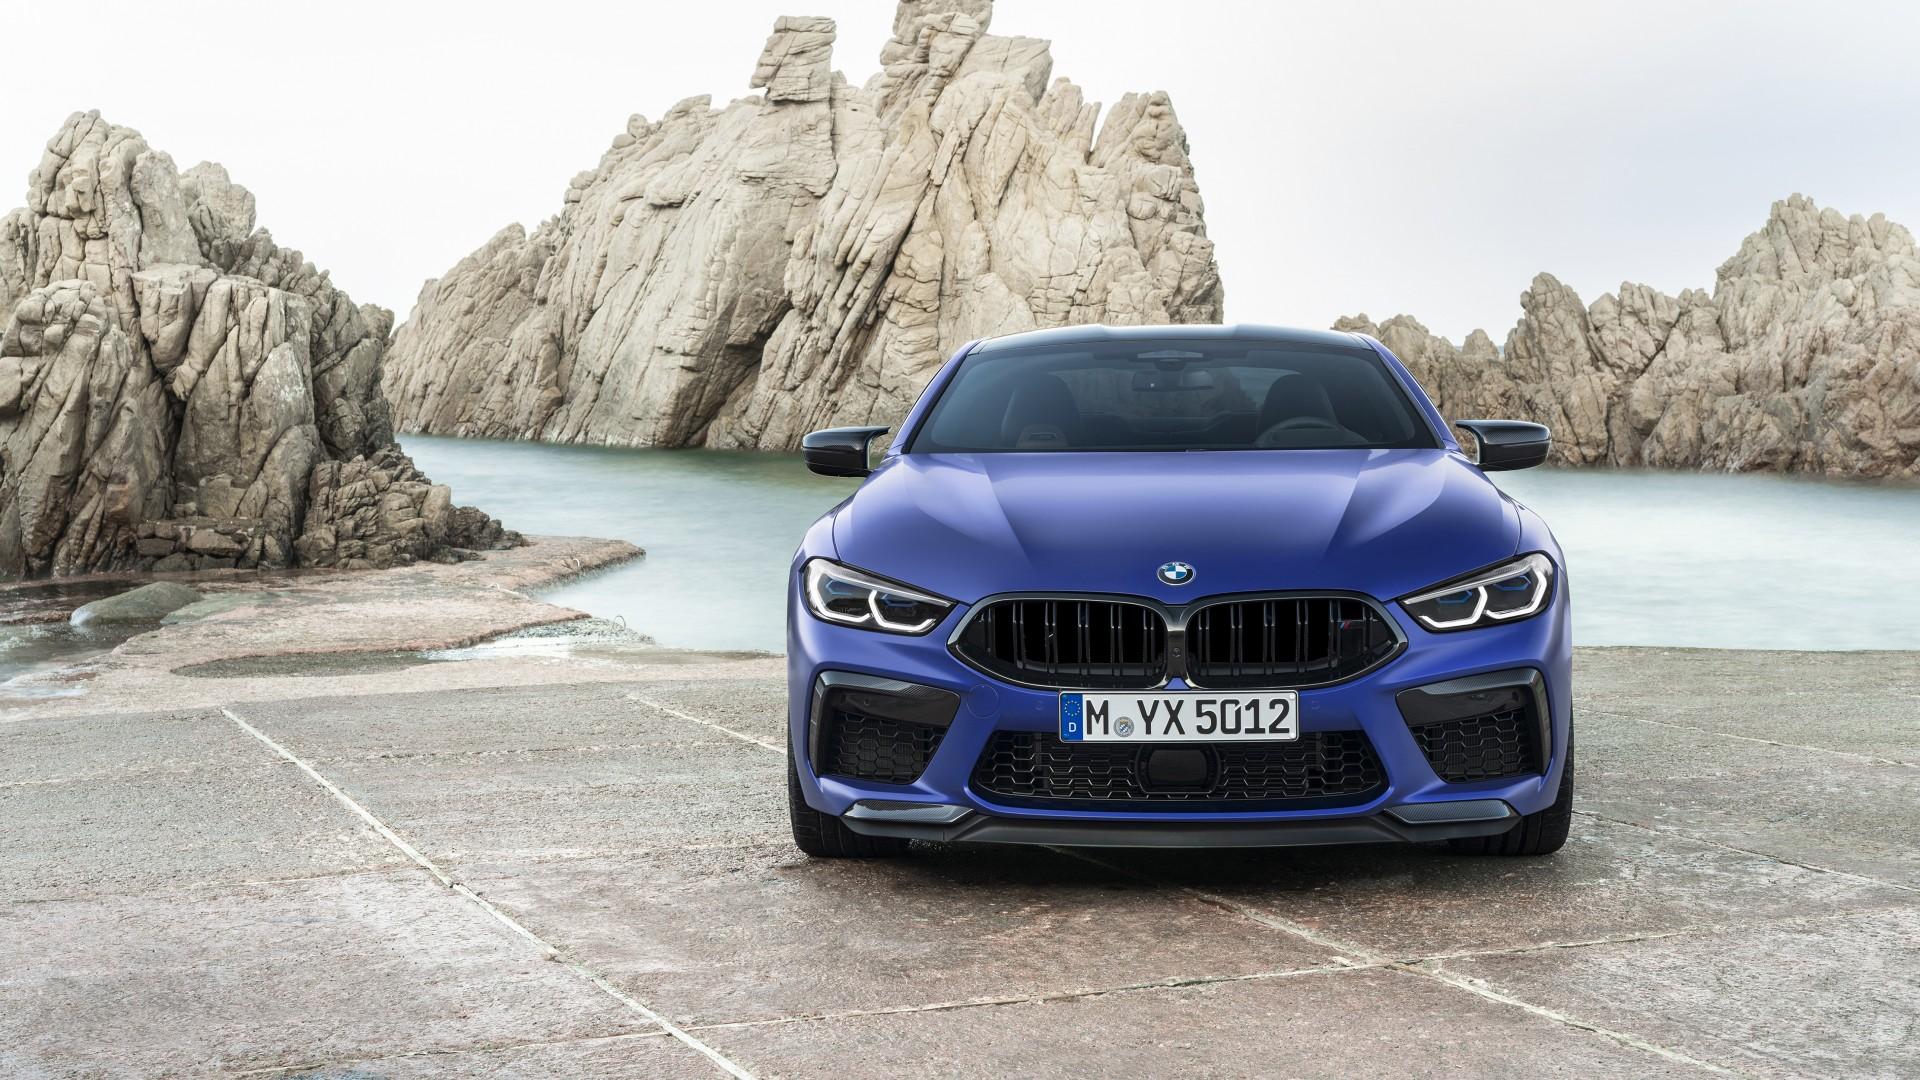 2012 BMW 750Li >> BMW M8 Competition Coupe 2019 4K 2 Wallpaper | HD Car ...